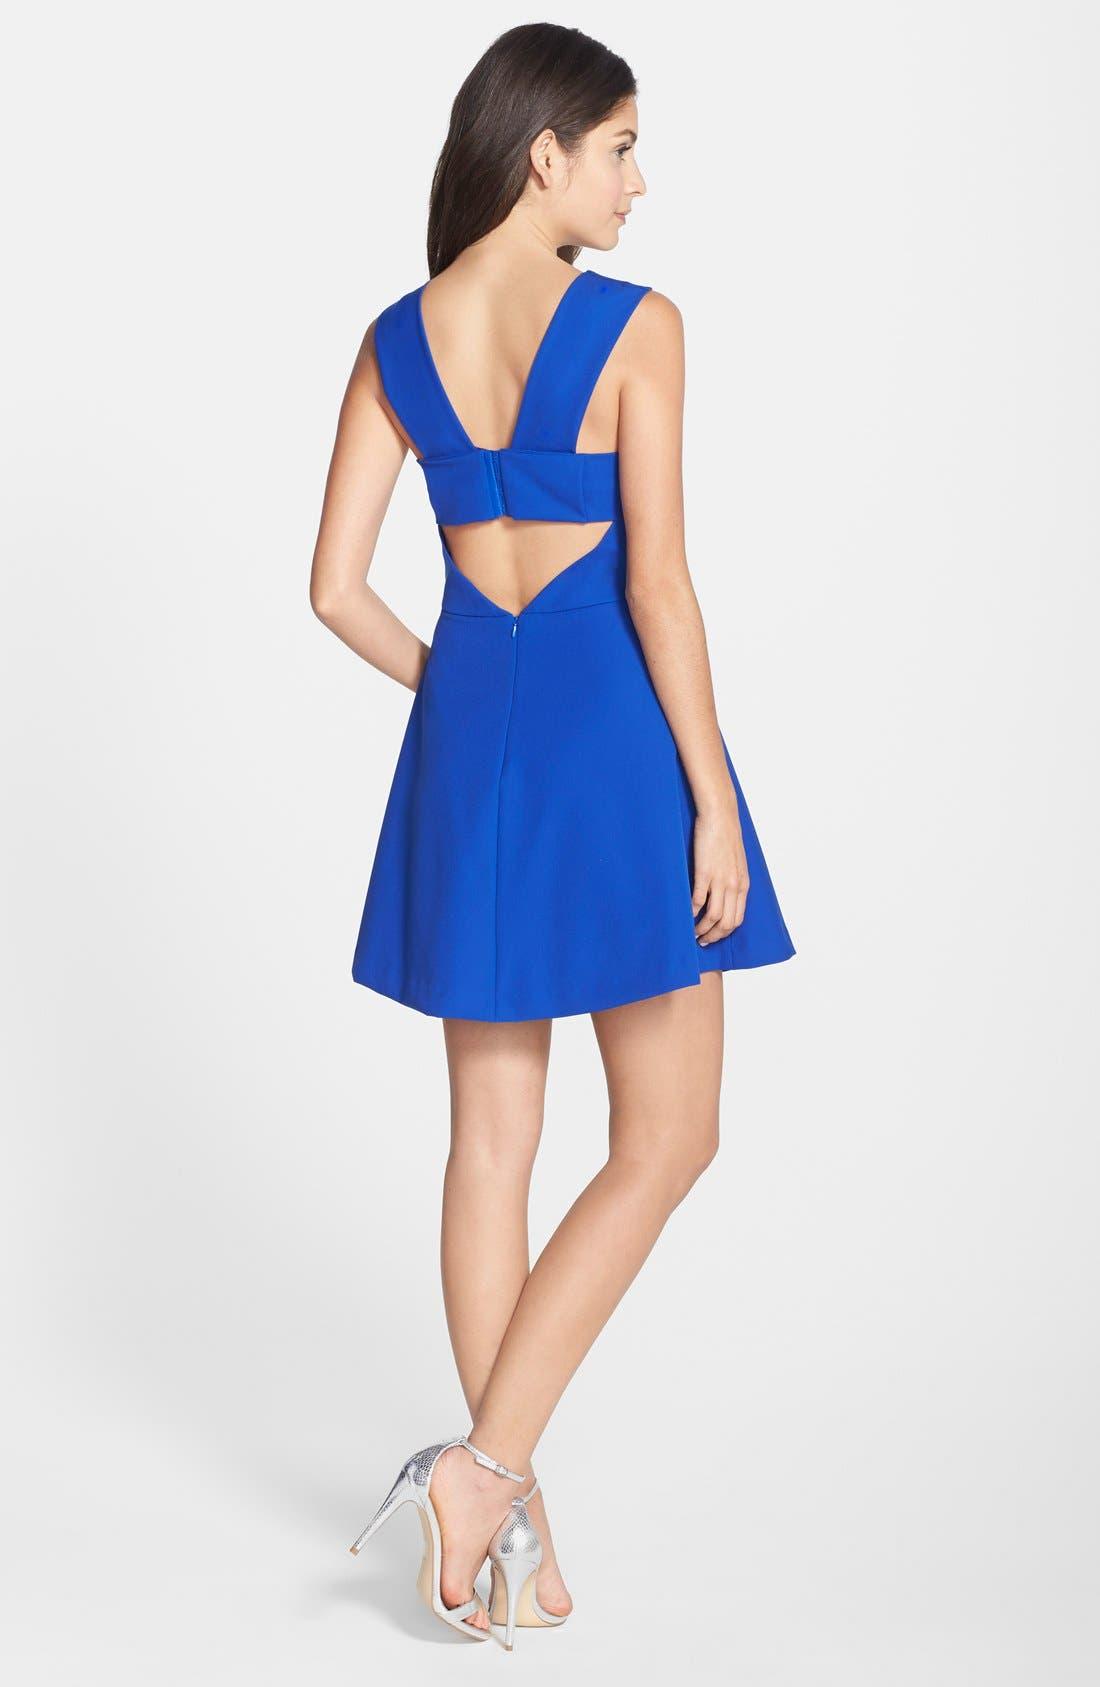 Bianca Back Cutout Fit & Flare Dress,                             Alternate thumbnail 10, color,                             COBALT